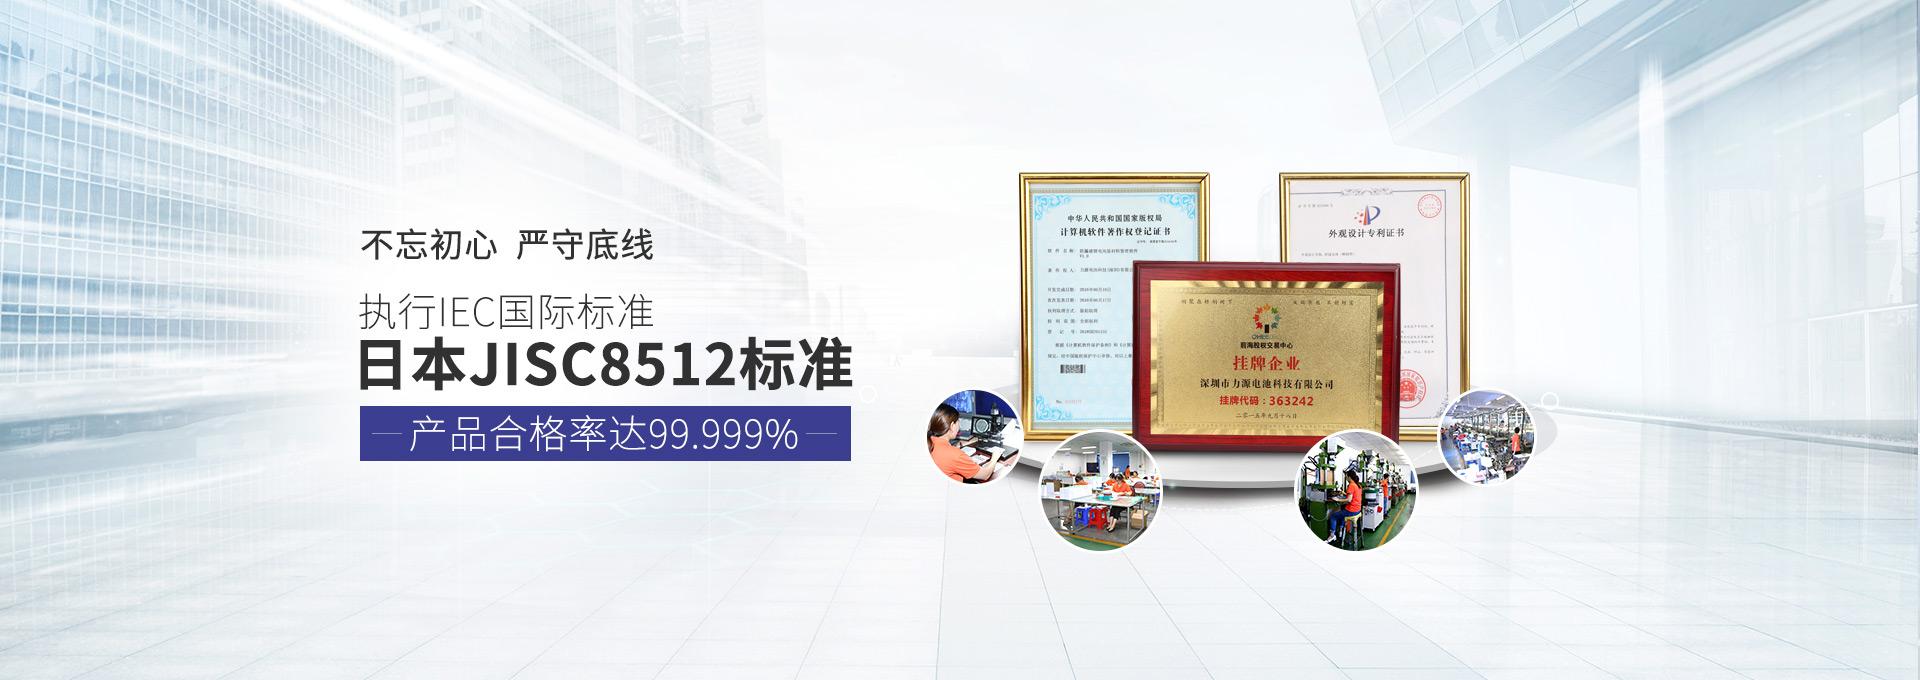 力源电池执行IEC国际标准/日本JISC8512标准